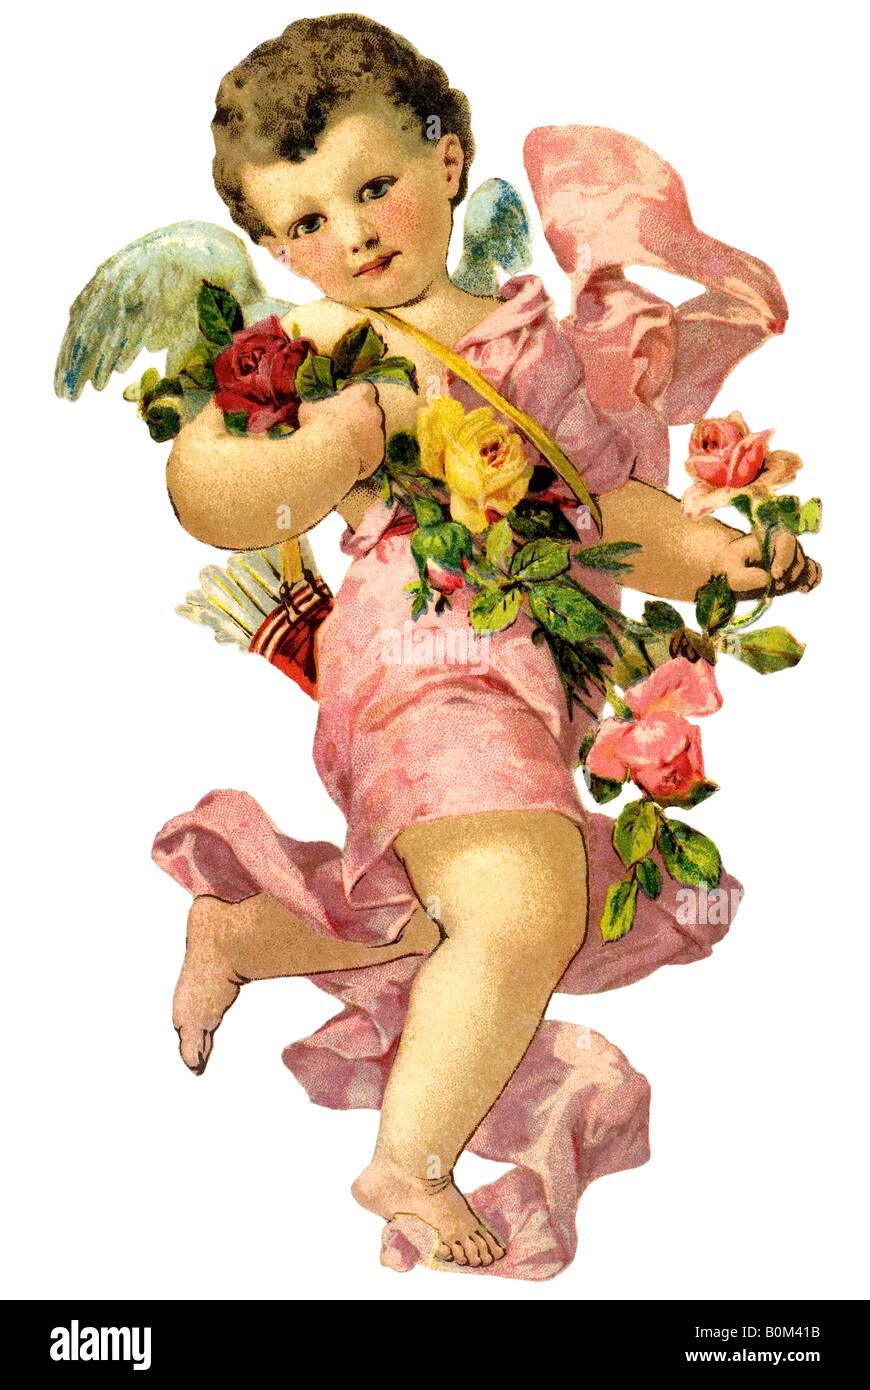 Levitar niños angel rose garland flechas de amor del siglo XIX Alemania Imagen De Stock